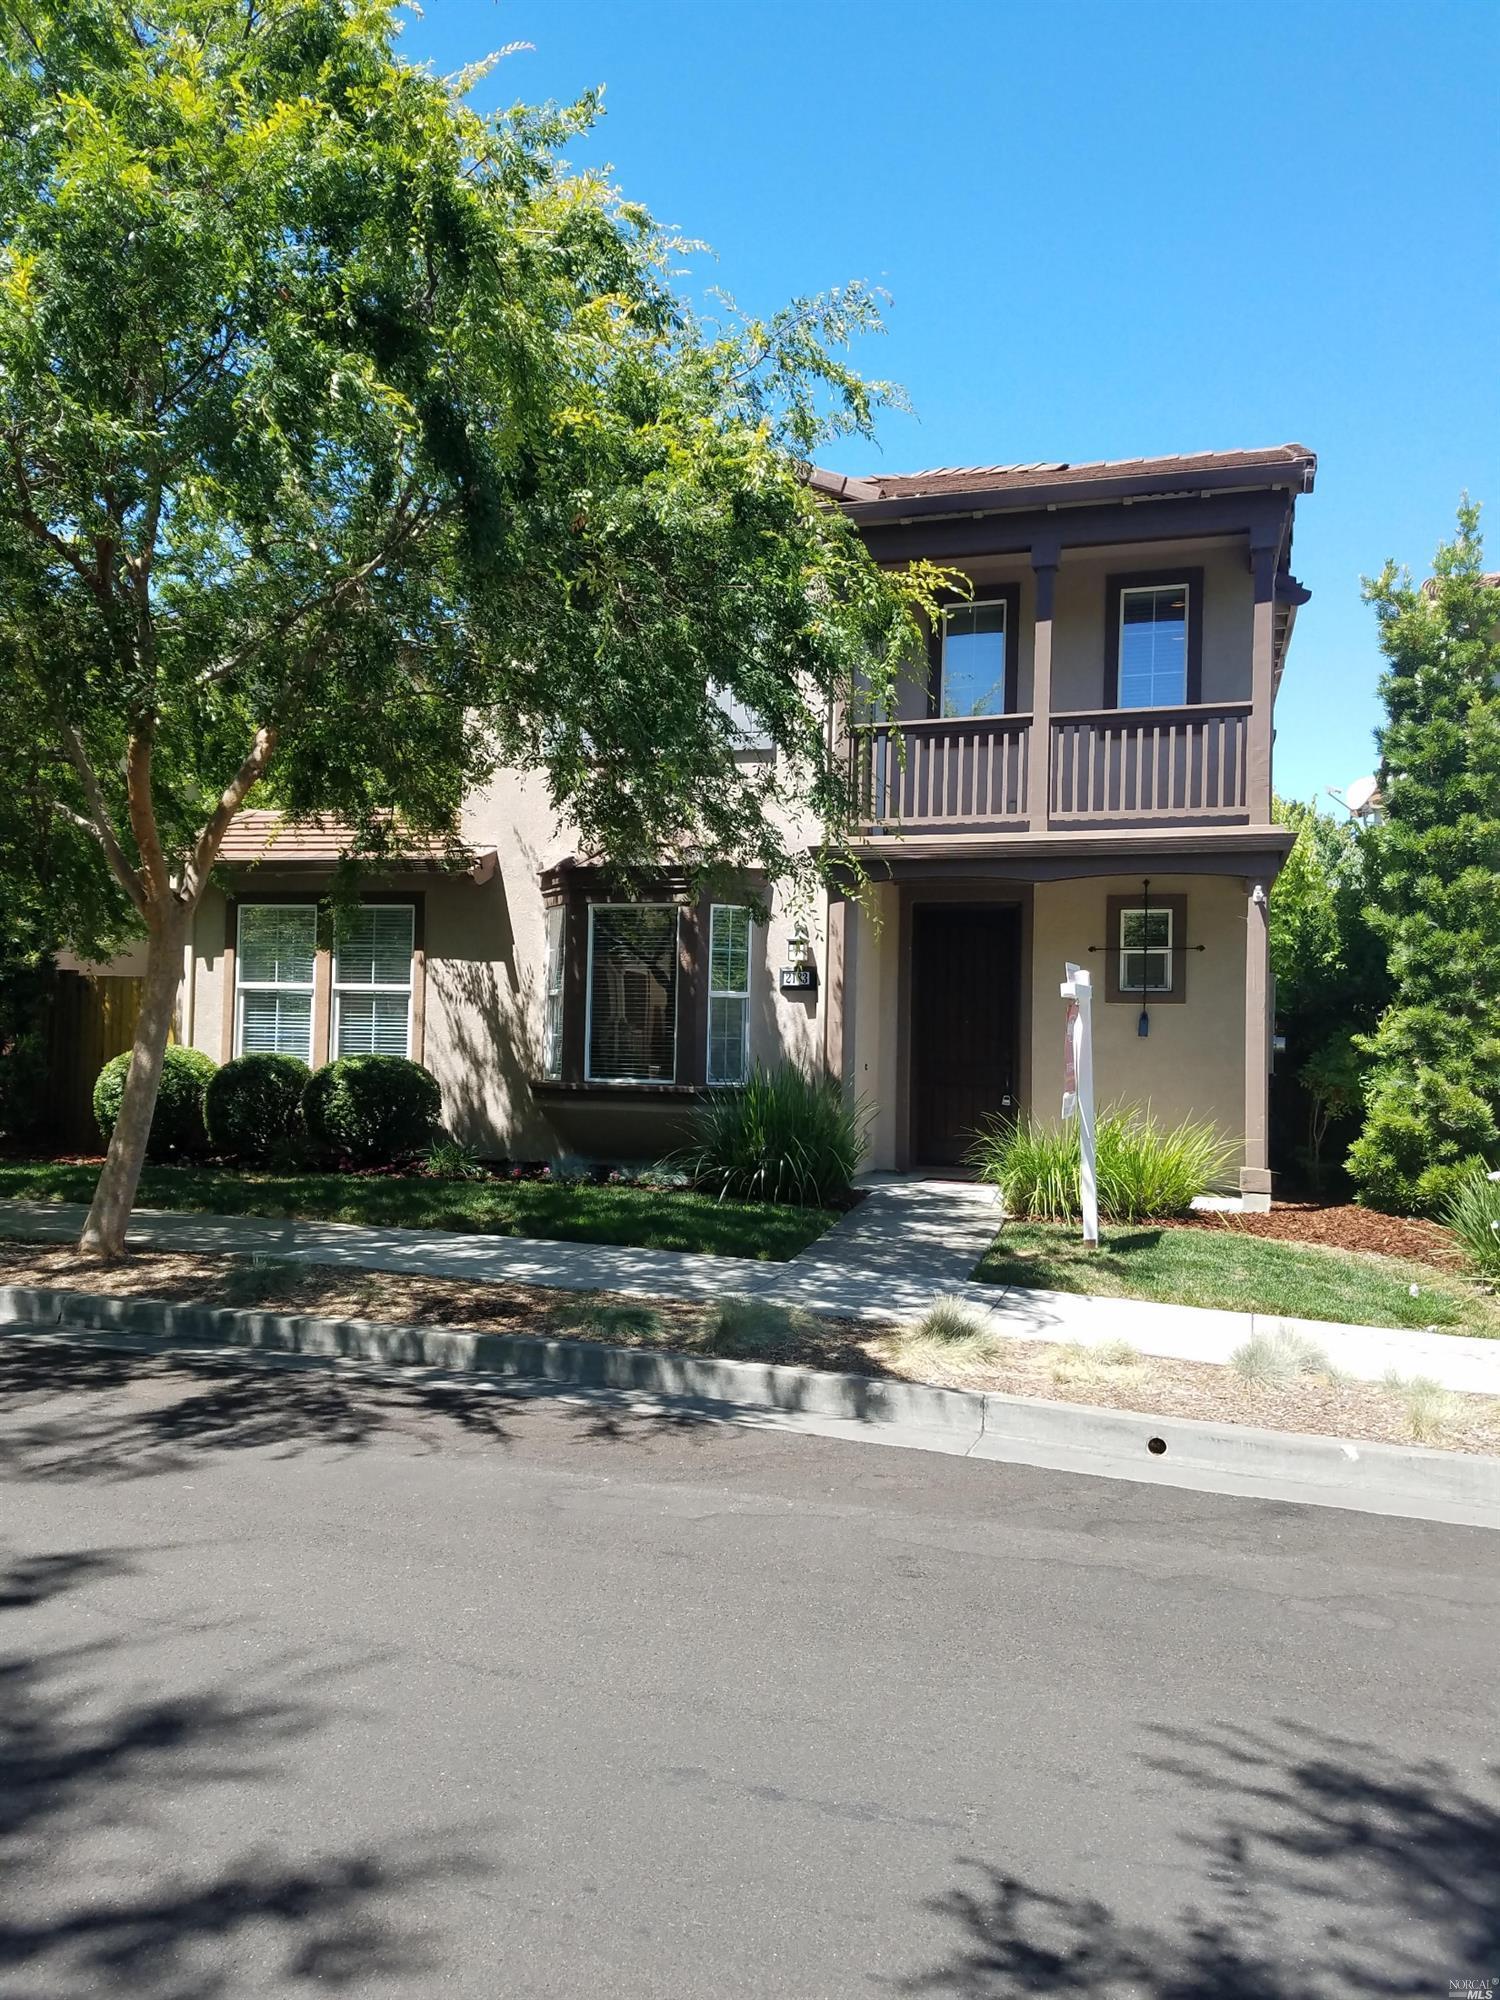 2183  Nectarine  Drive, SANTA ROSA, 95404, CA